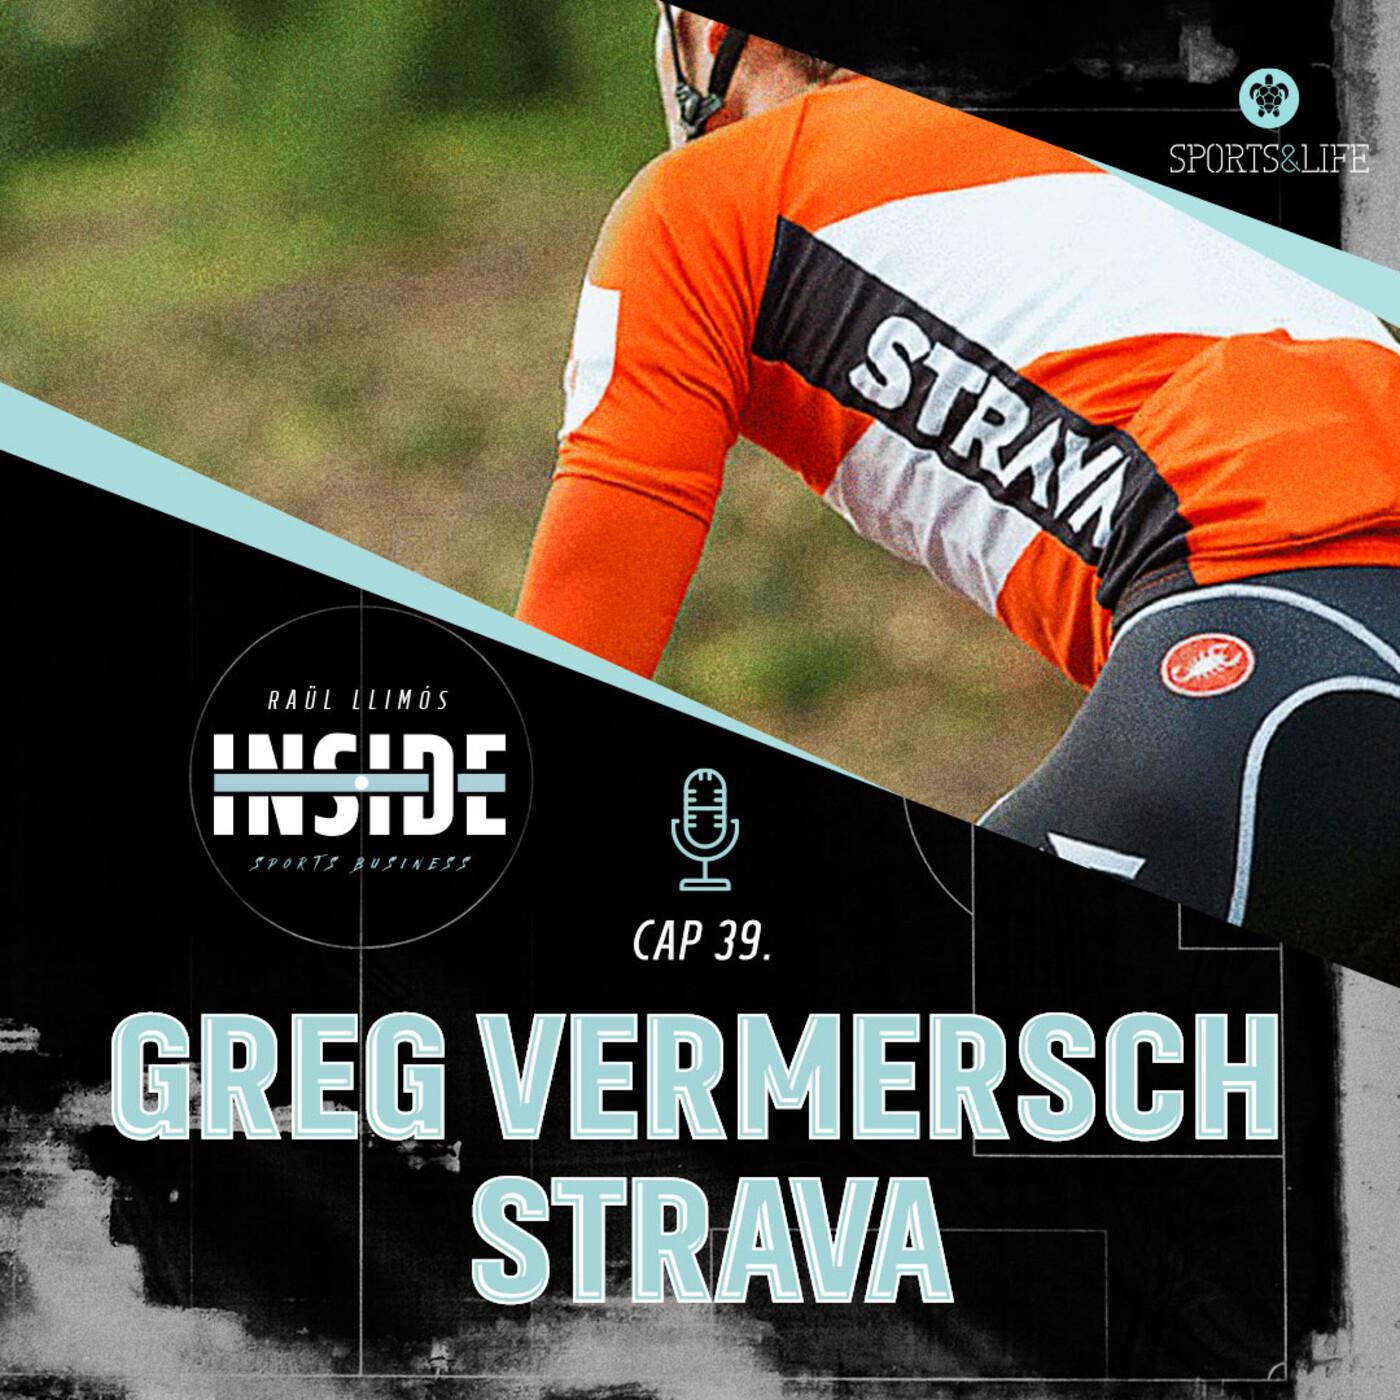 #39. Greg Vermersch (STRAVA)